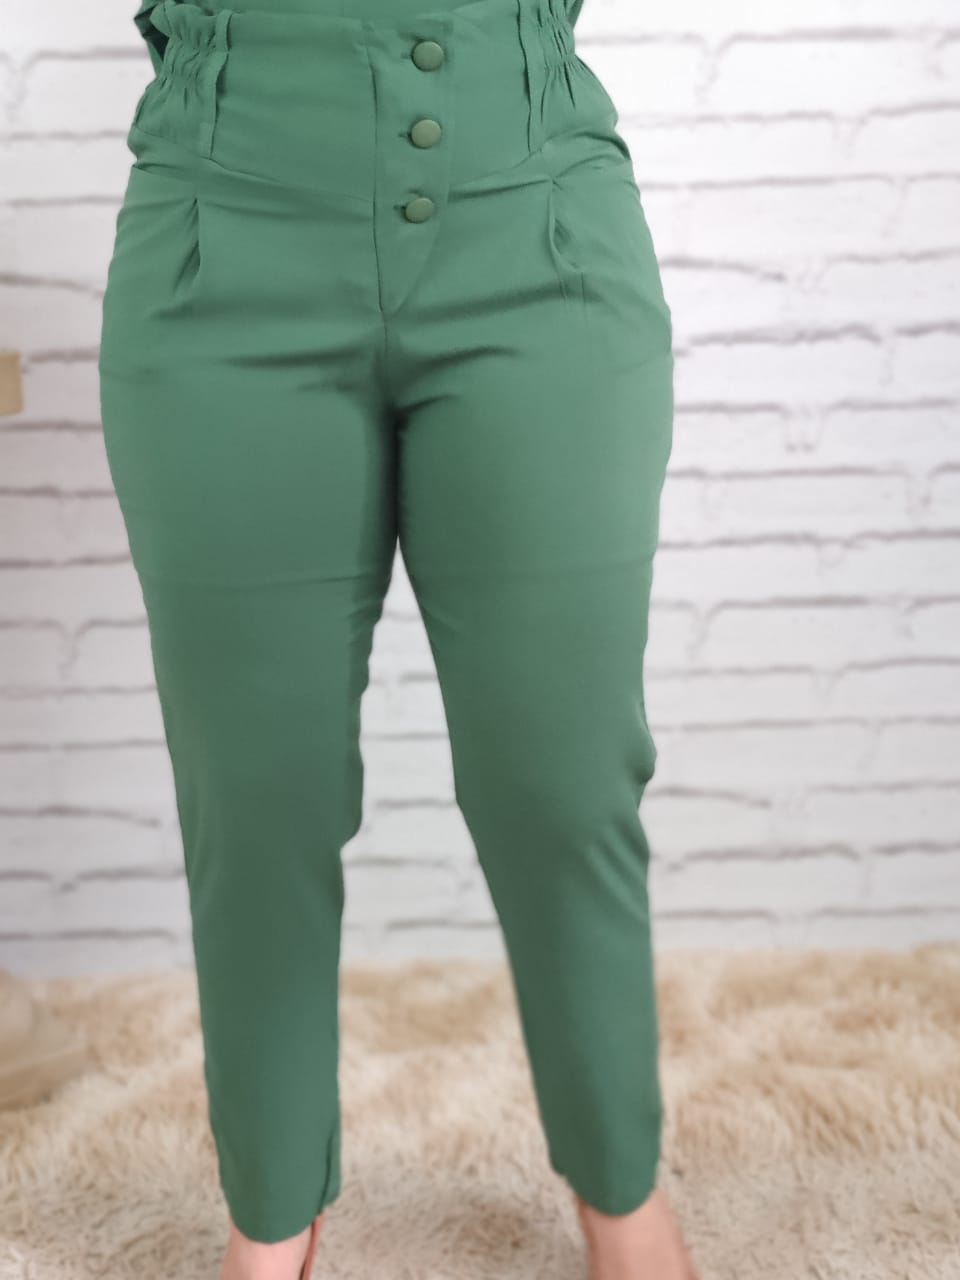 Calça Skinny Detalhe Elástico e Botões Verde